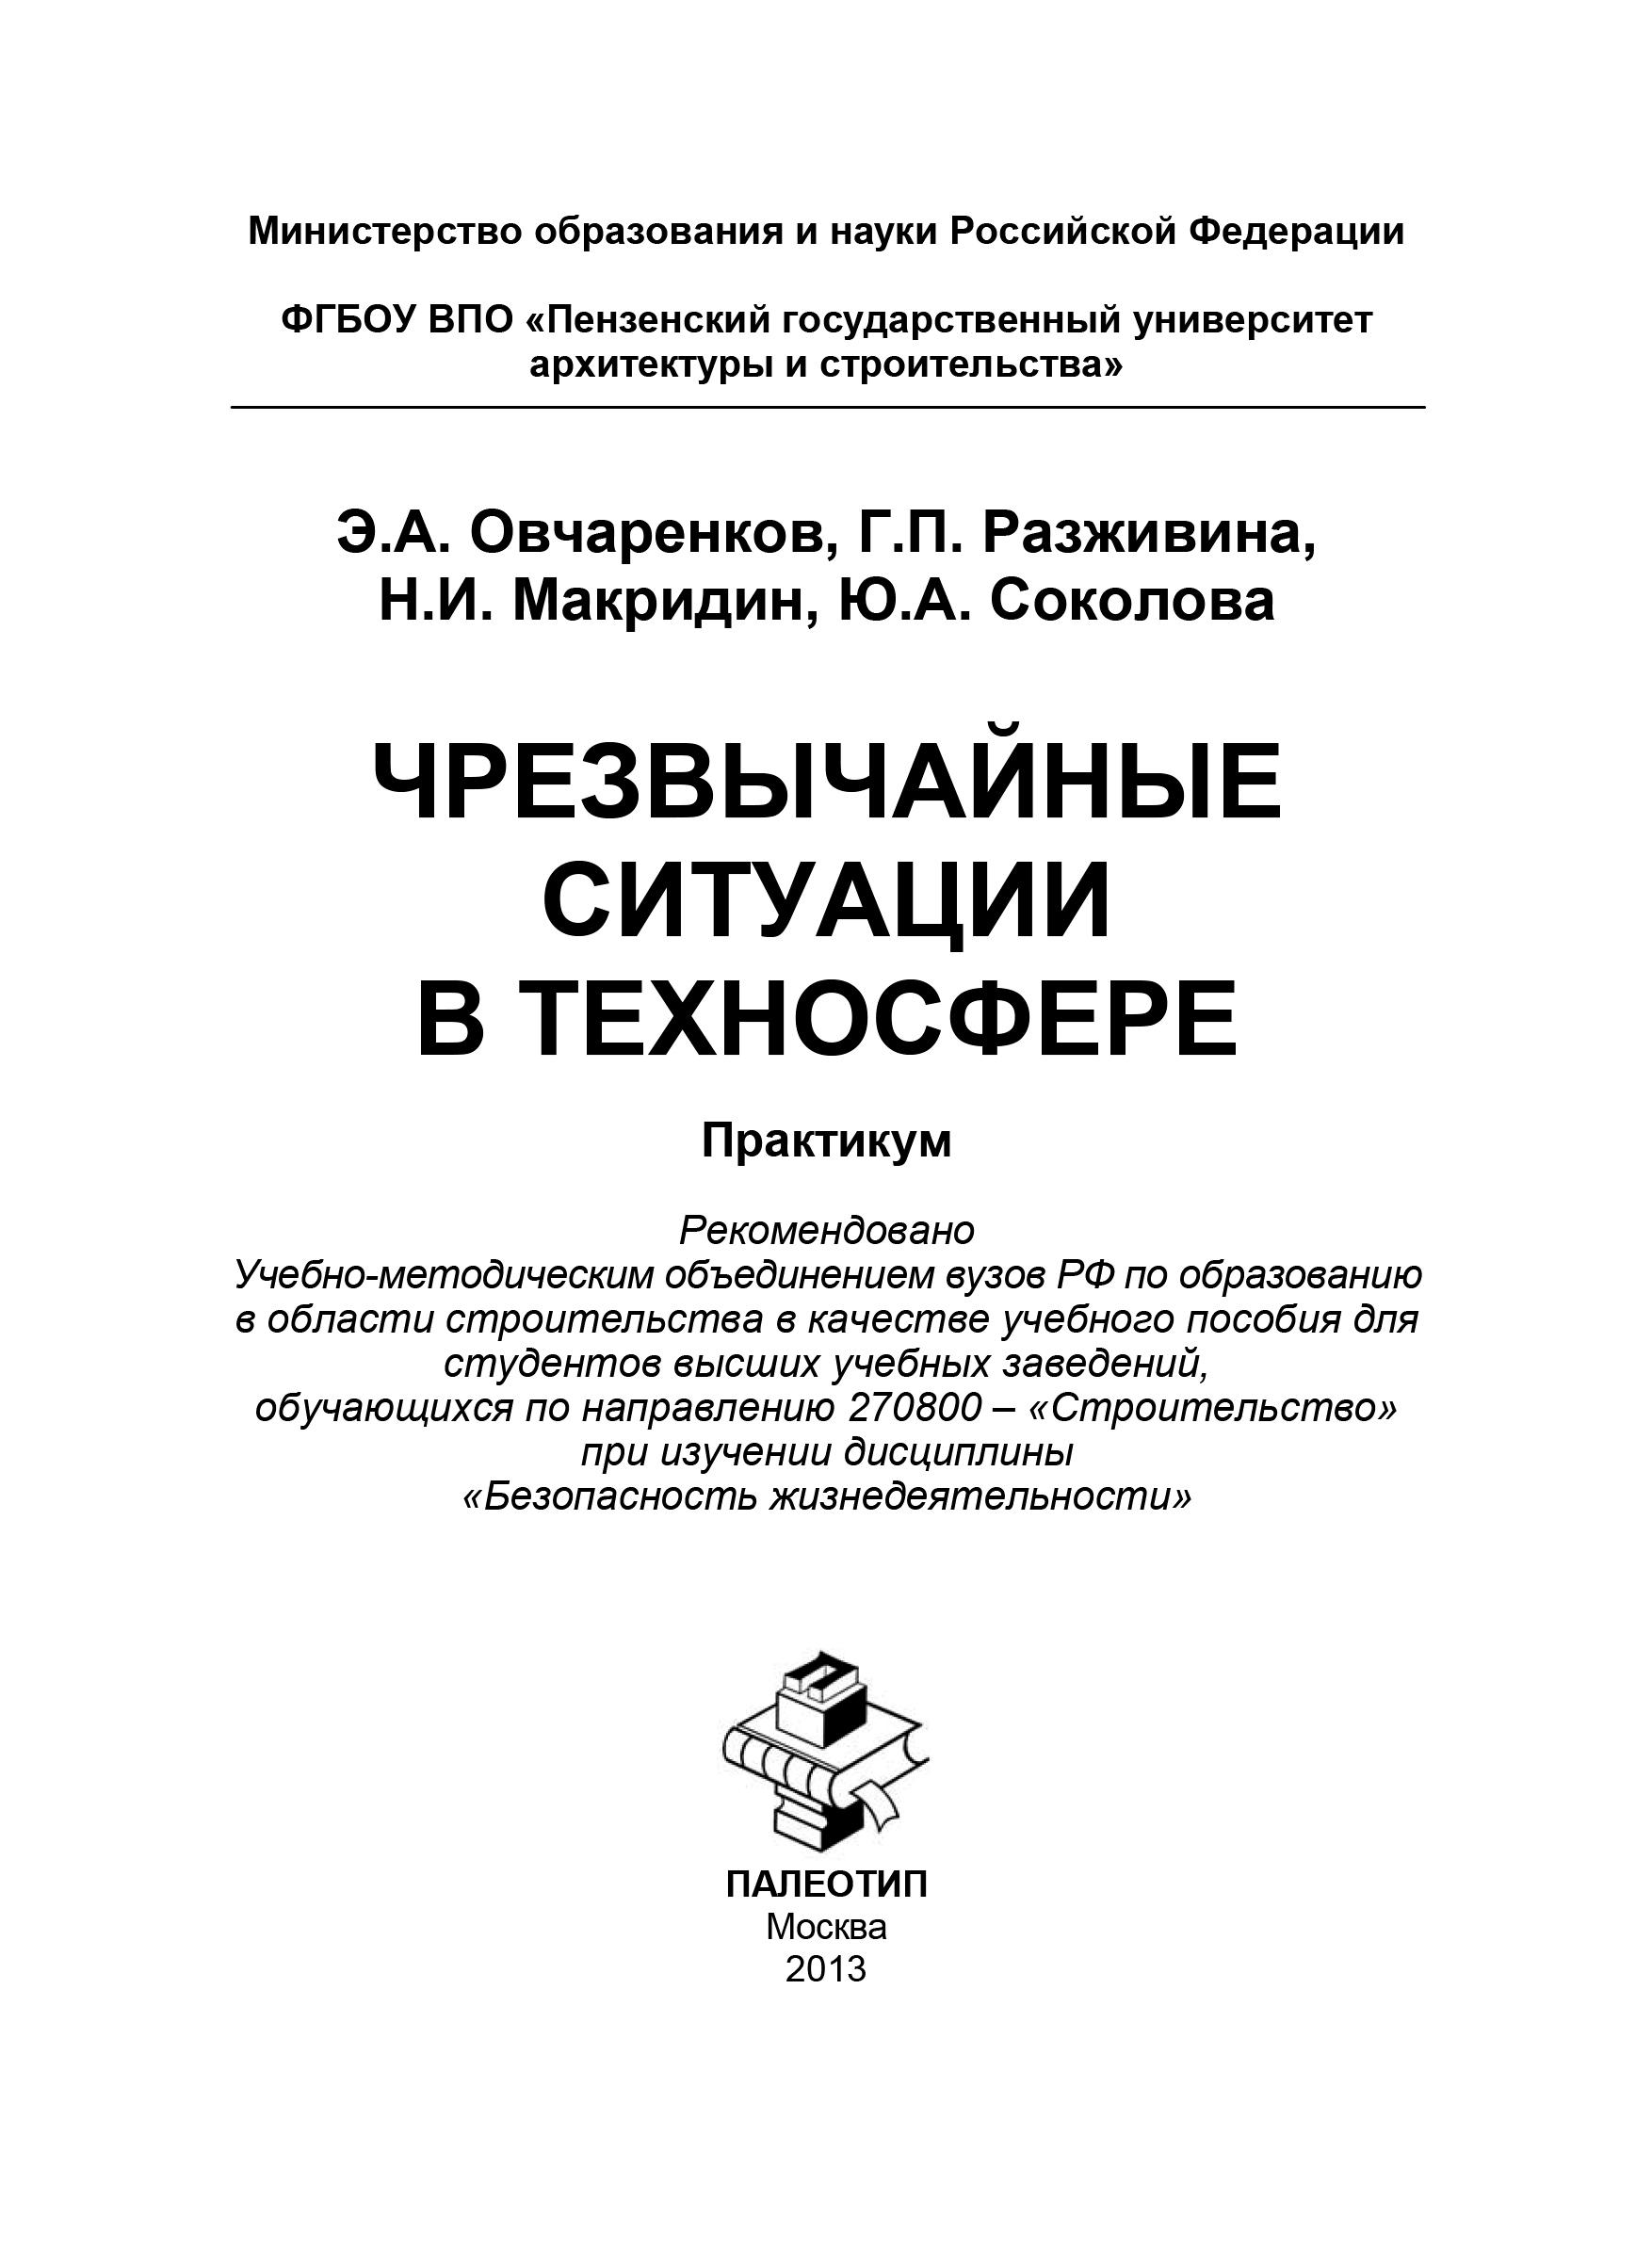 Юлия Соколова Чрезвычайные ситуации в техносфере цена